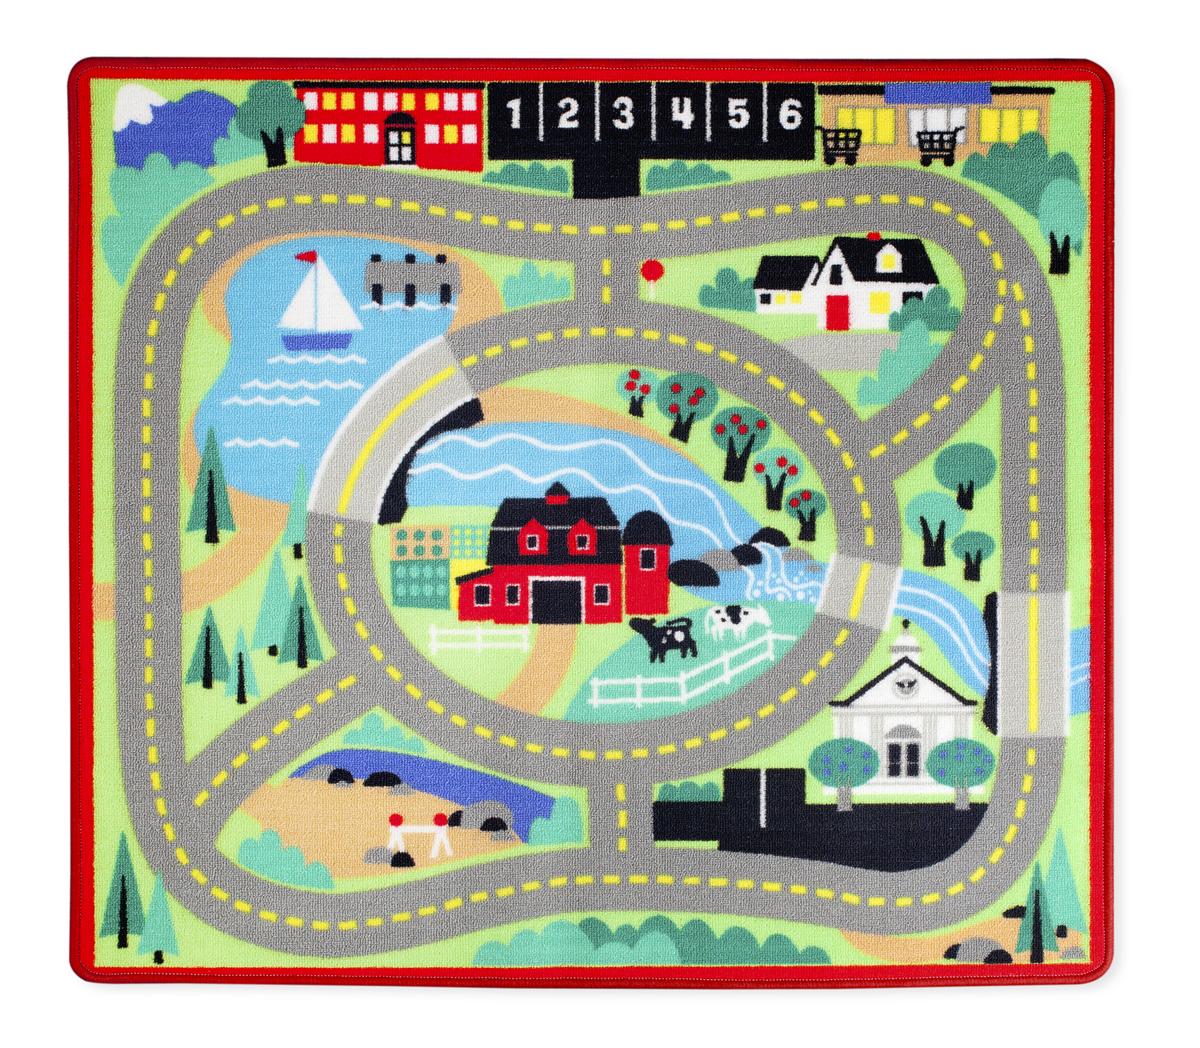 Напольный коврик – Город, с дорогами и машинкамиДетские парковки и гаражи<br>Напольный коврик – Город, с дорогами и машинками<br>